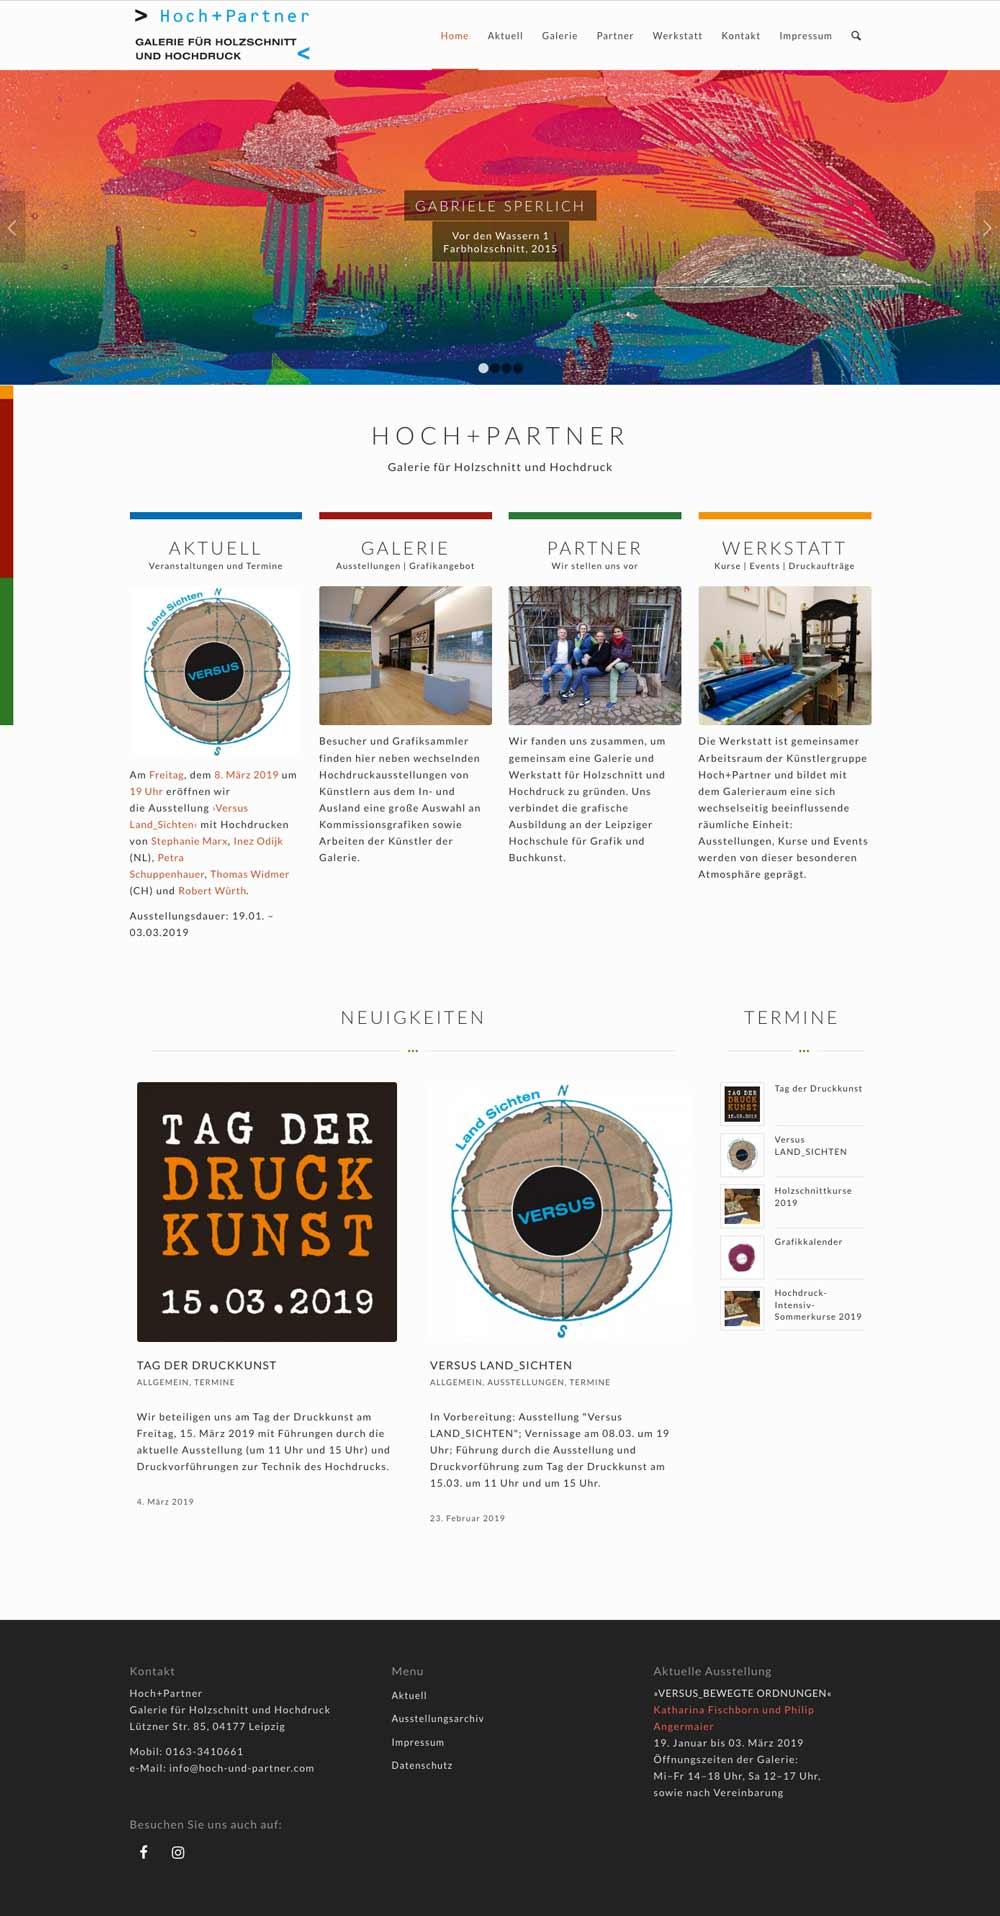 Hoch und Partner-Galerie-für-Holzschnitt und Hochdruck Leipzig - Detailansicht